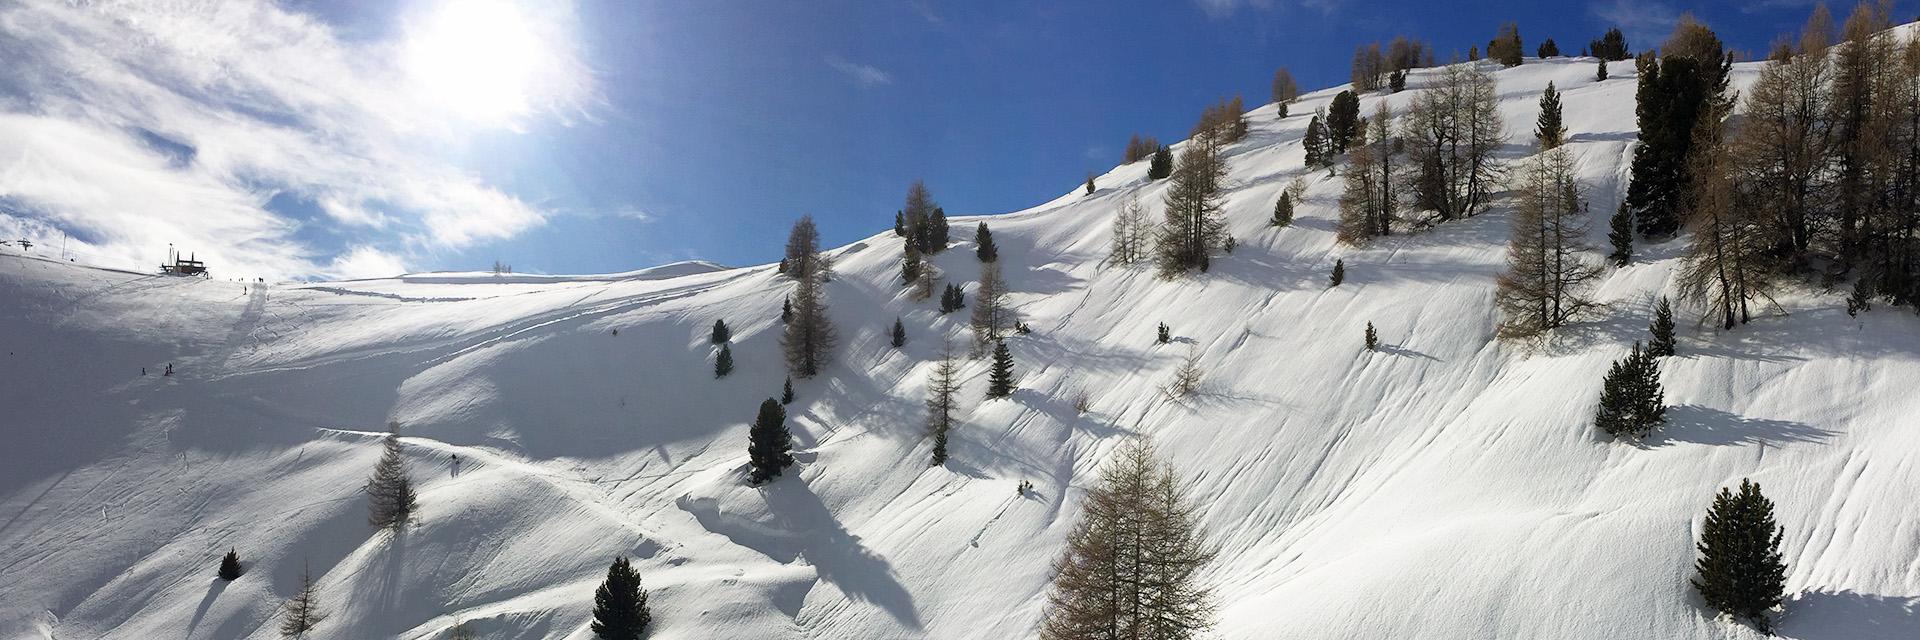 Village_club_vacances_alpes-de-haute-provence_rechastel_montagne